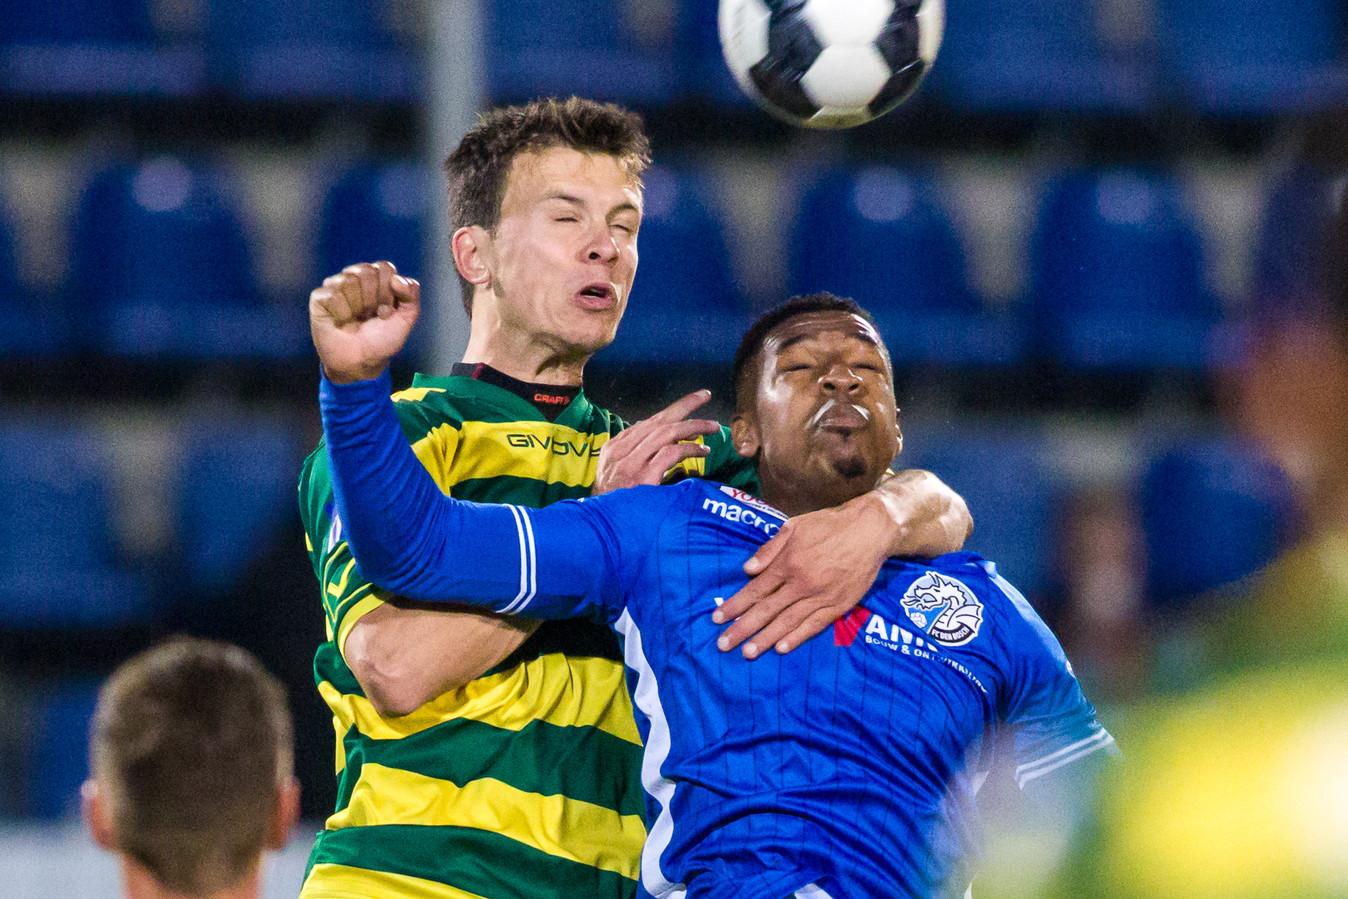 FC Den Bosch speler Brandon Robinson (R) in duel met Fortuna Sittard verdediger Ferry de Regt (L) .